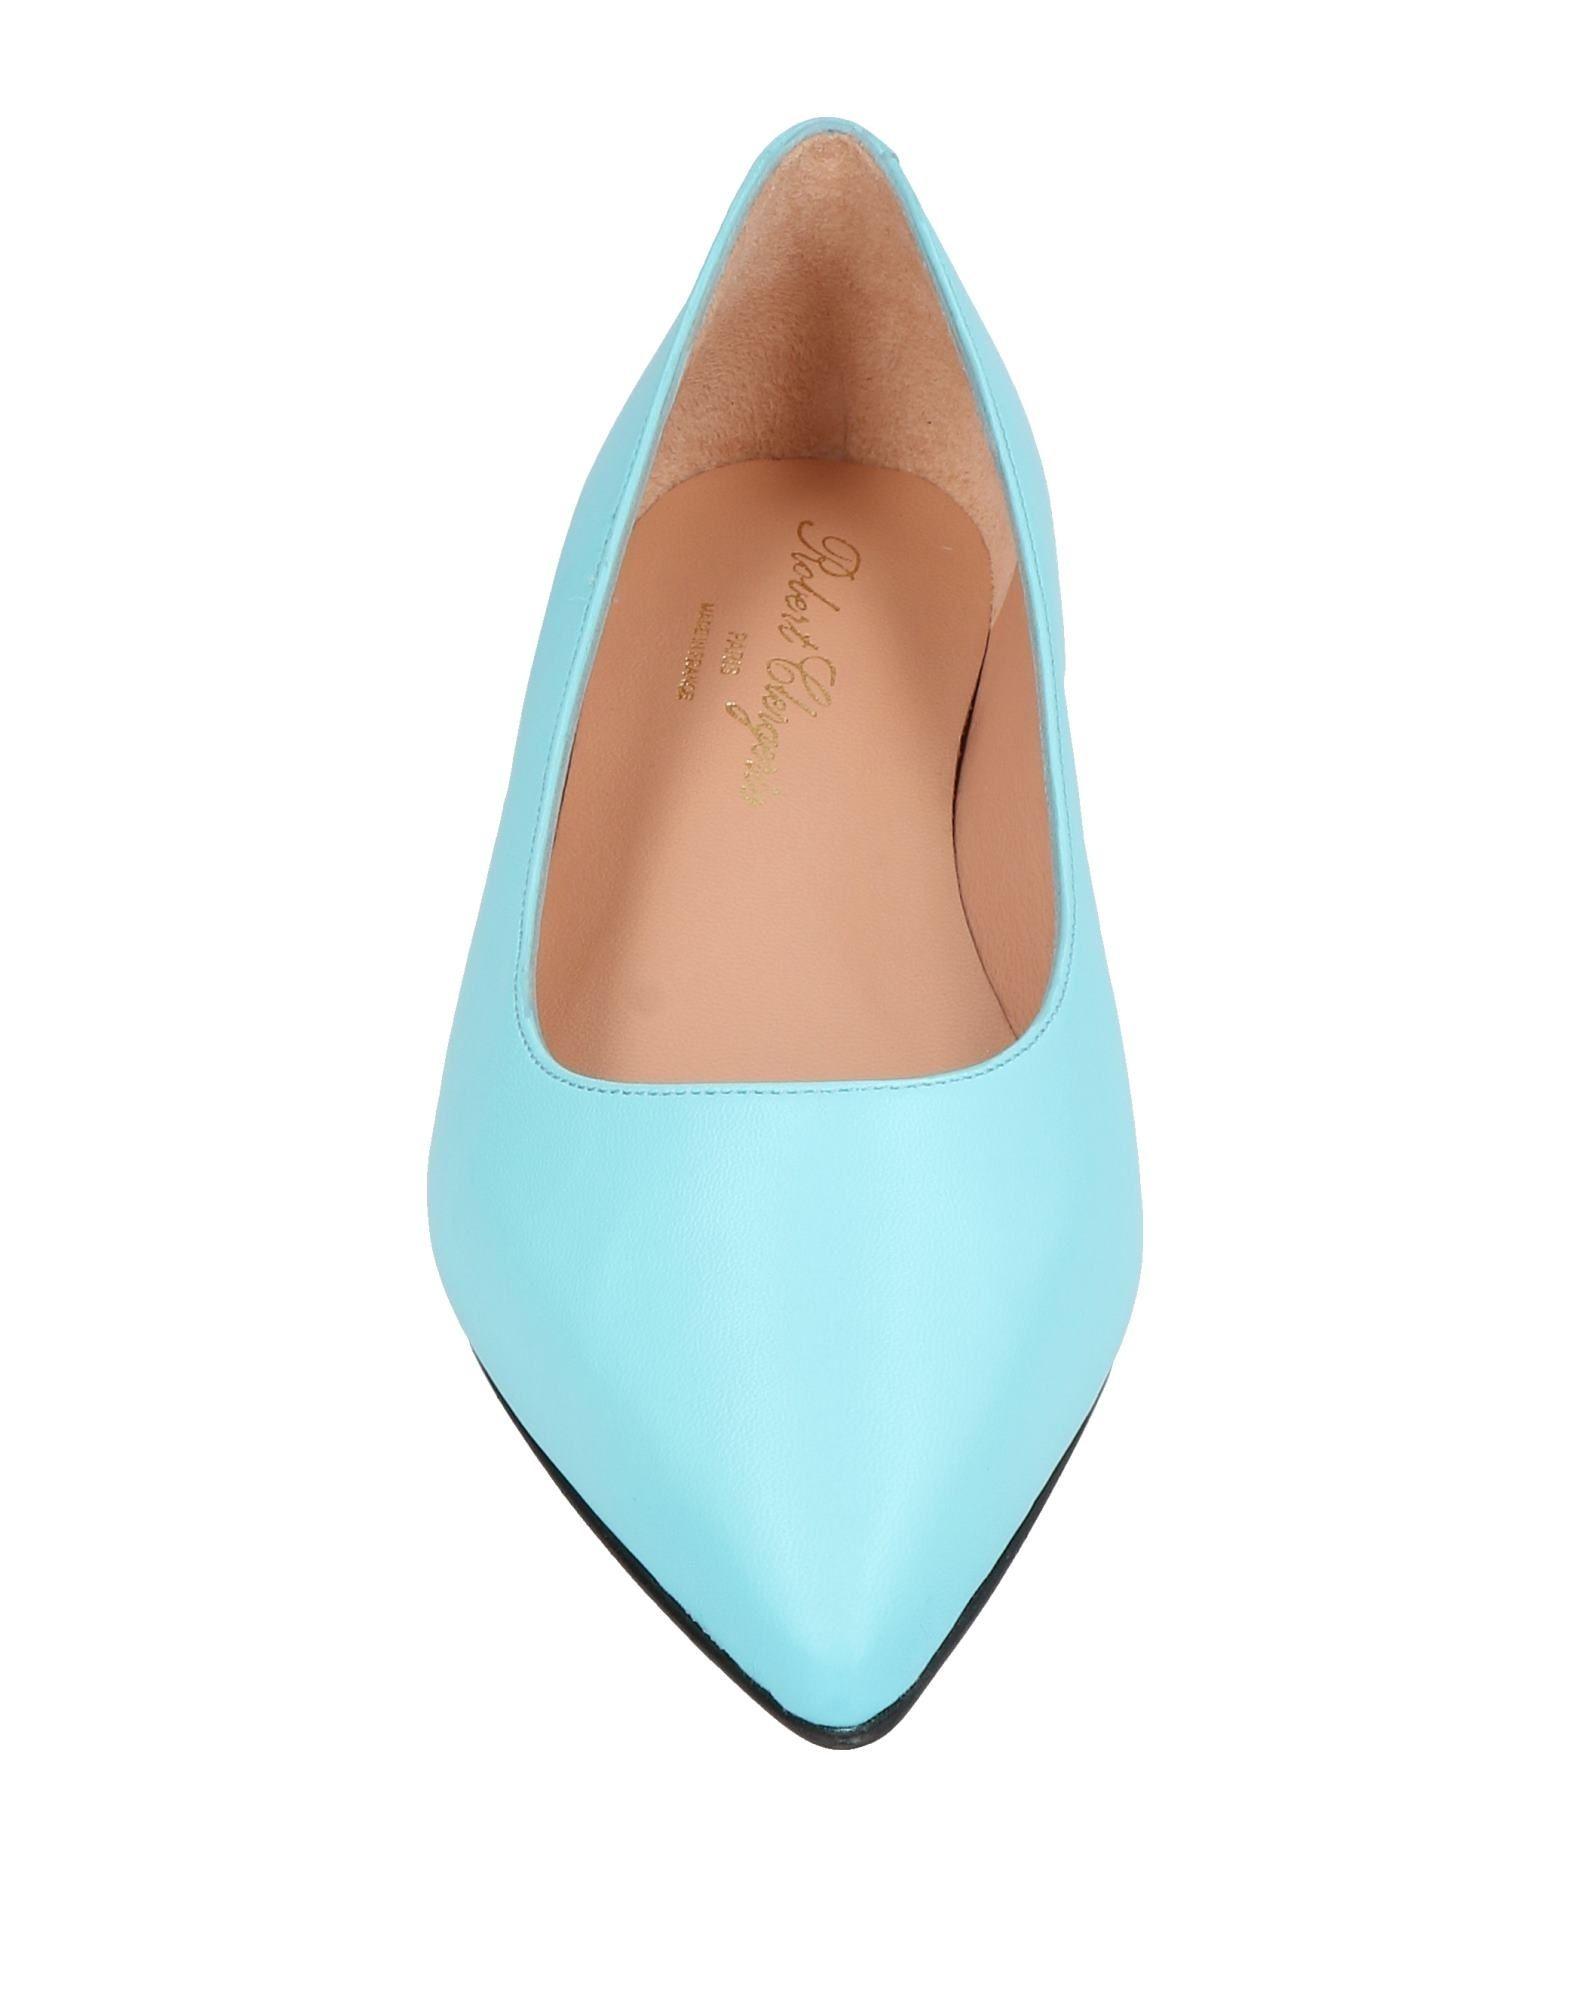 Stilvolle billige Schuhe Robert Clergerie Ballerinas Ballerinas Ballerinas Damen  11460691WA 83c71e